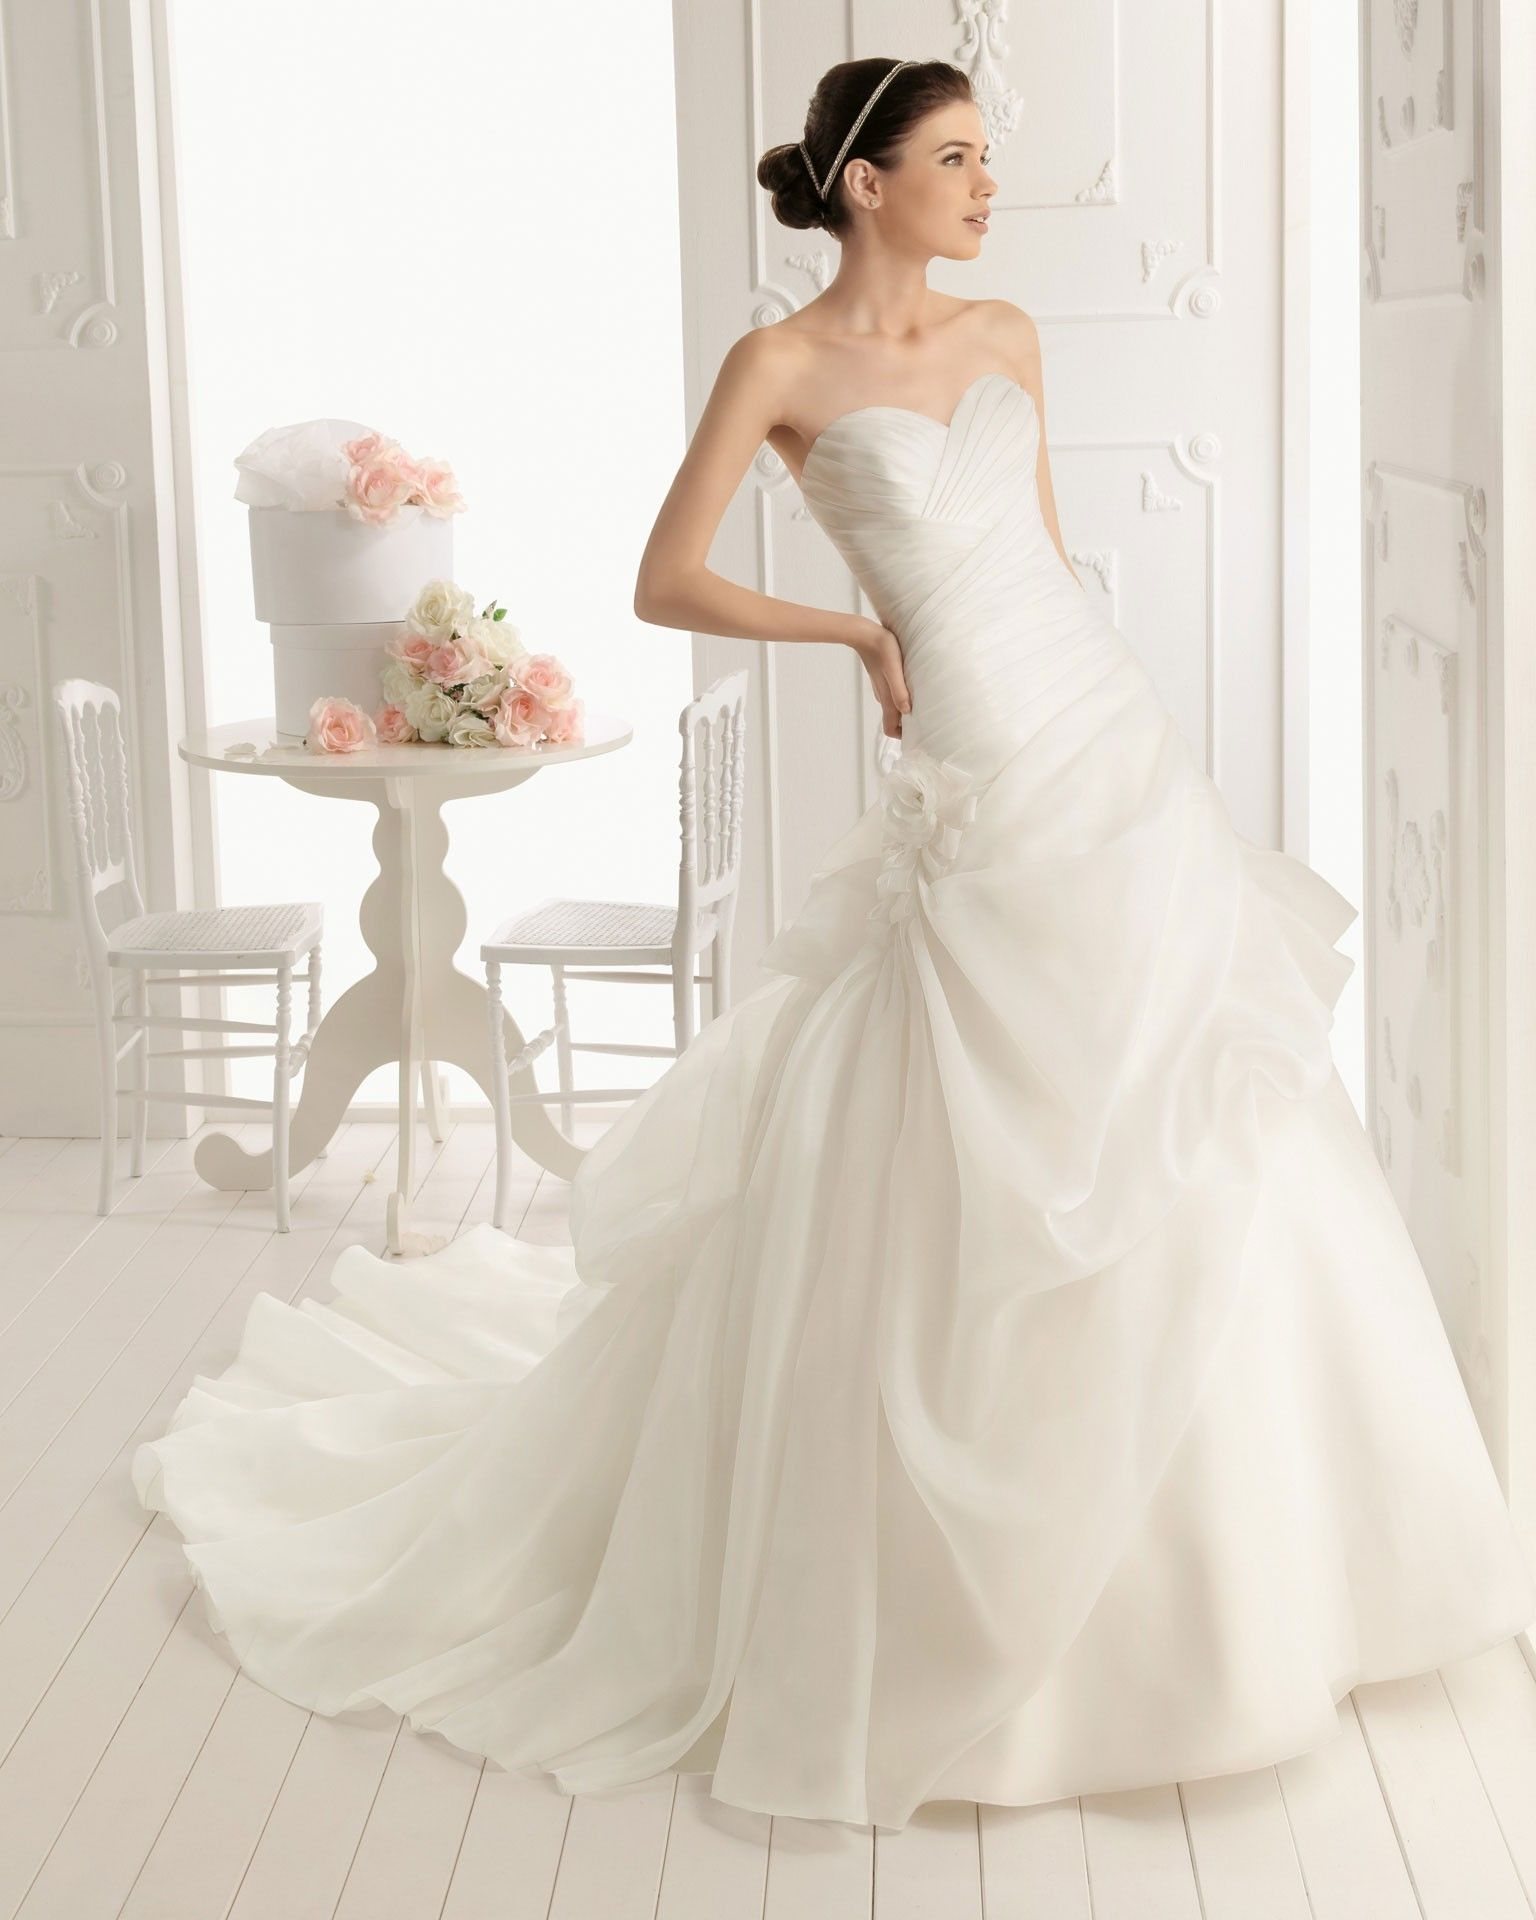 Wedding DressesTrumpet Wedding DressesPrincess